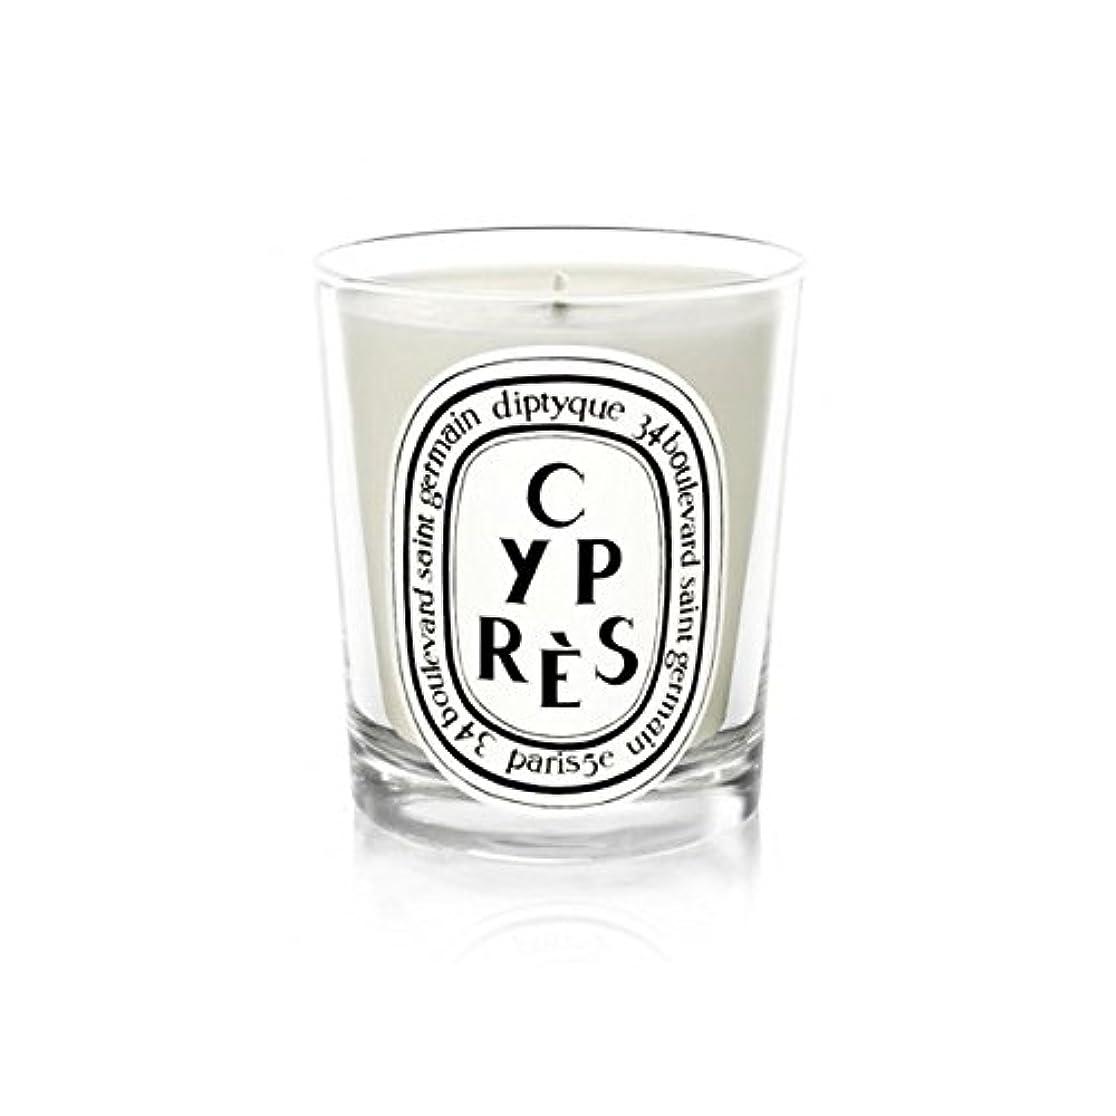 虐殺キャリア満了DiptyqueキャンドルCypr?s/ヒノキ190グラム - Diptyque Candle Cypr?s / Cypress 190g (Diptyque) [並行輸入品]